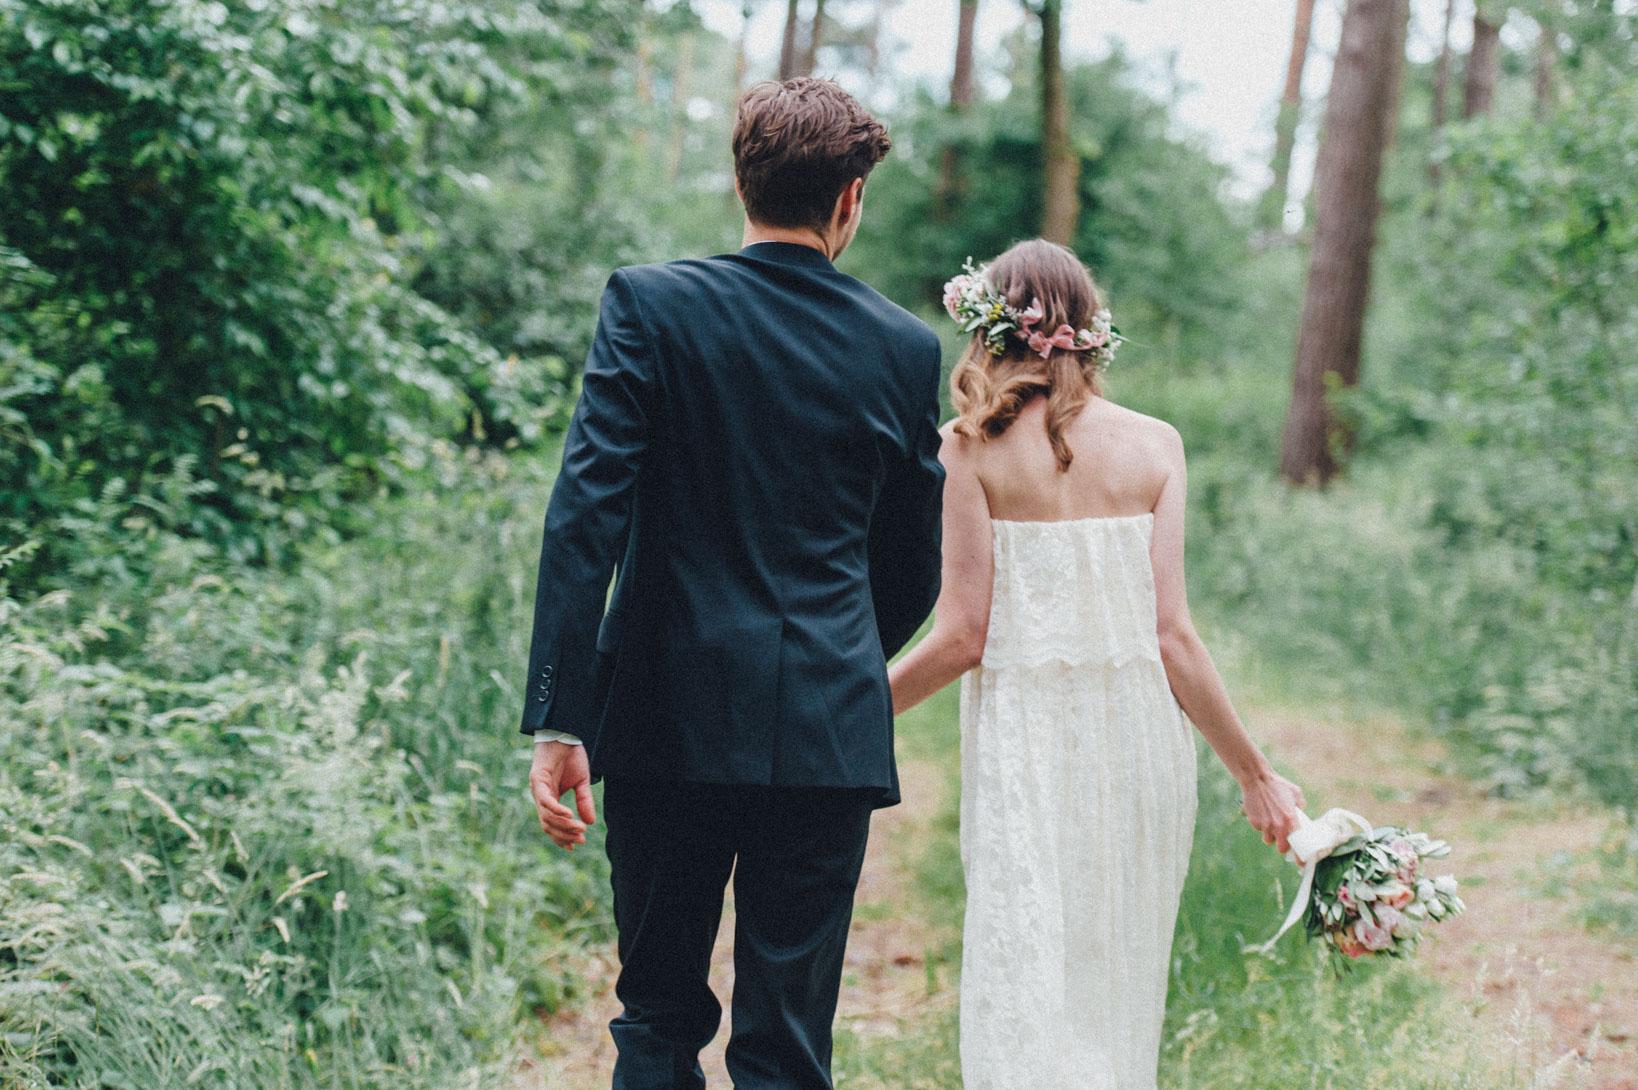 DIY-Hochzeit-gold-VW-Bully-79 Janet & Pierre DIY Midsummer-Wedding in Gold mit VW BulliDIY Hochzeit gold VW Bully 79